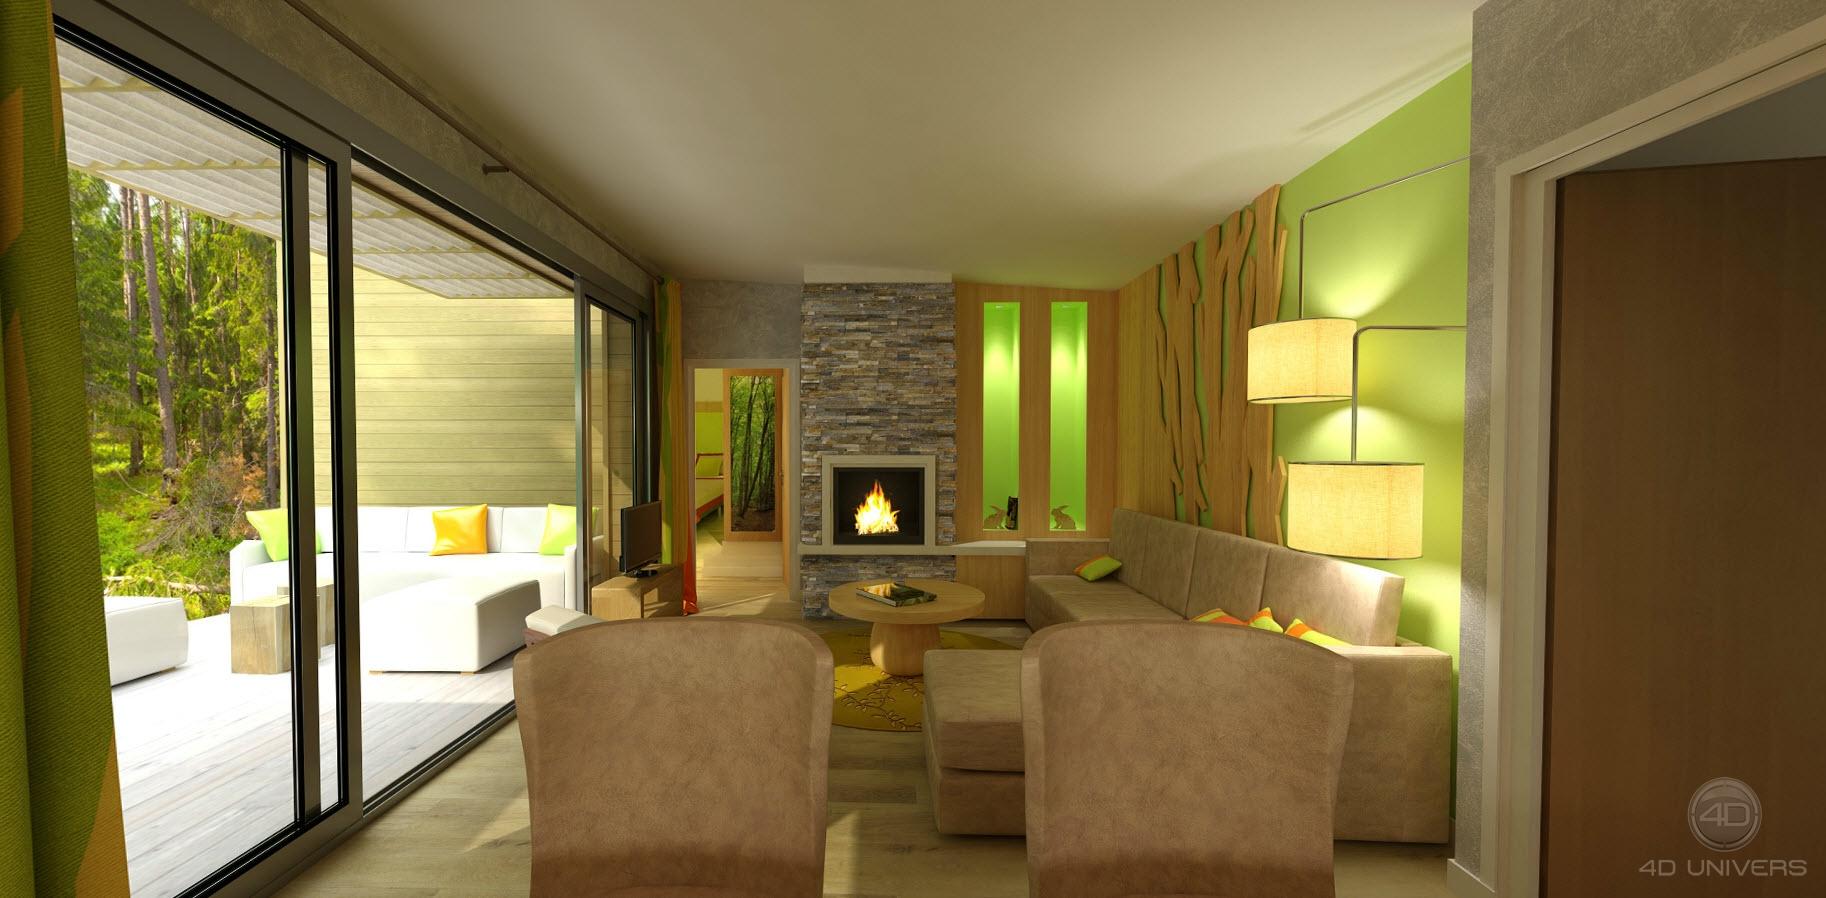 Salon 3d 4d univers studio animation 3d architecture - Mon salon en 3d ...